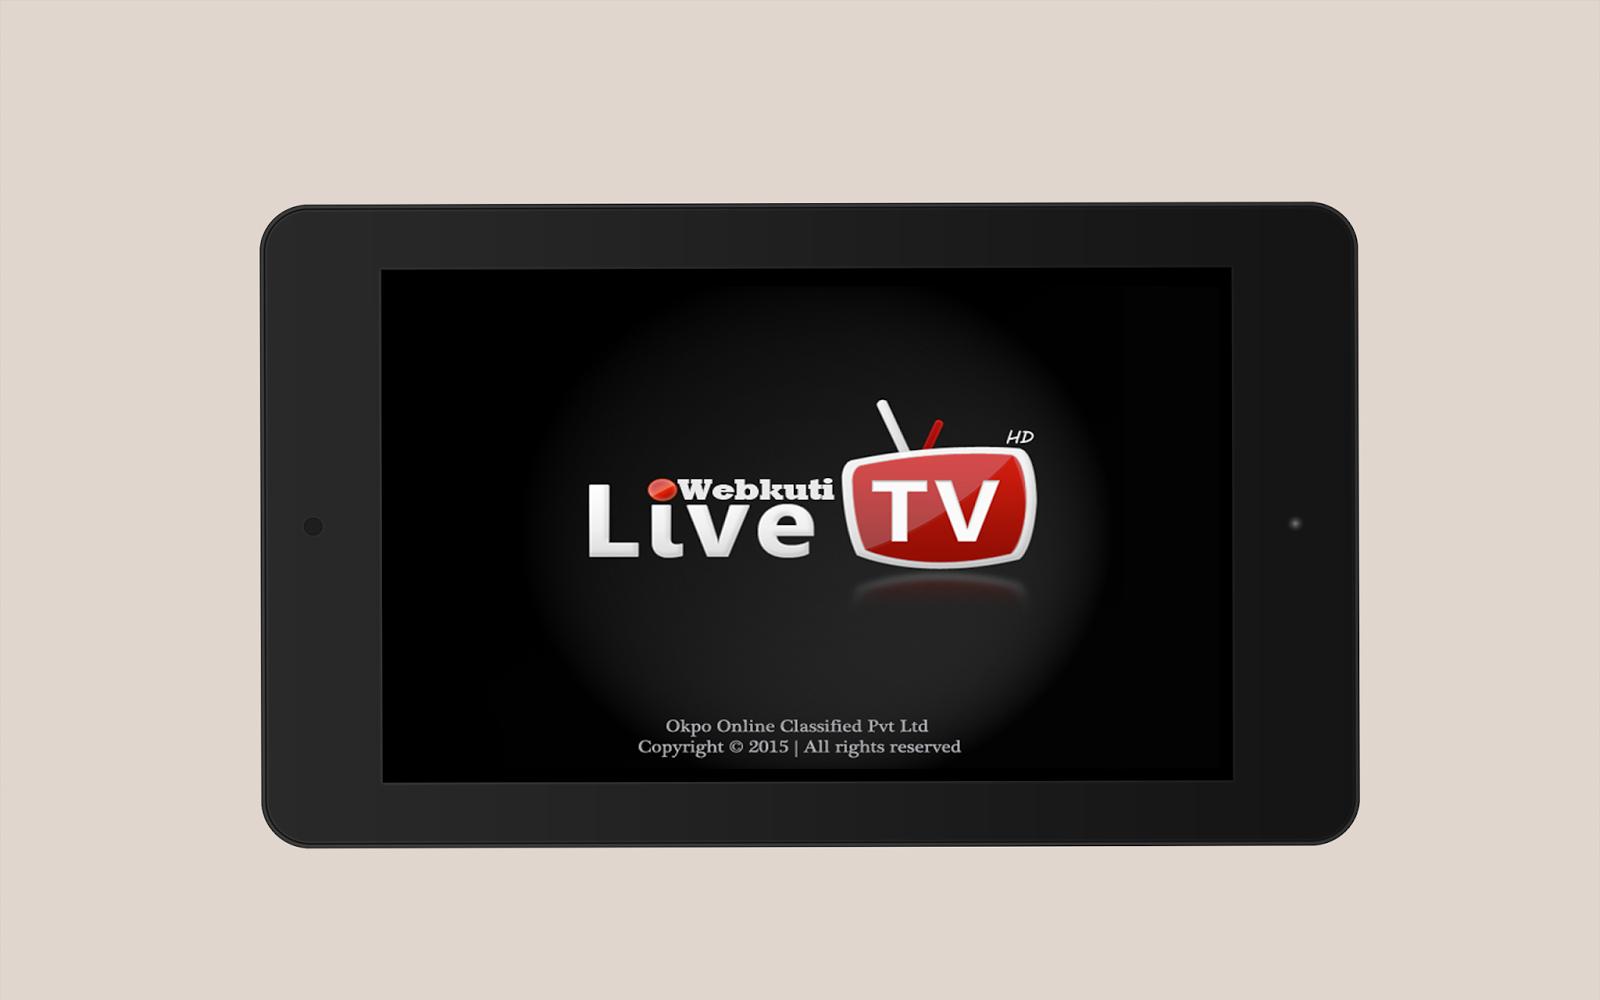 تحميل تطبيق  Live-TV لمشاهدة جميع القنوات المشفرة مجانا